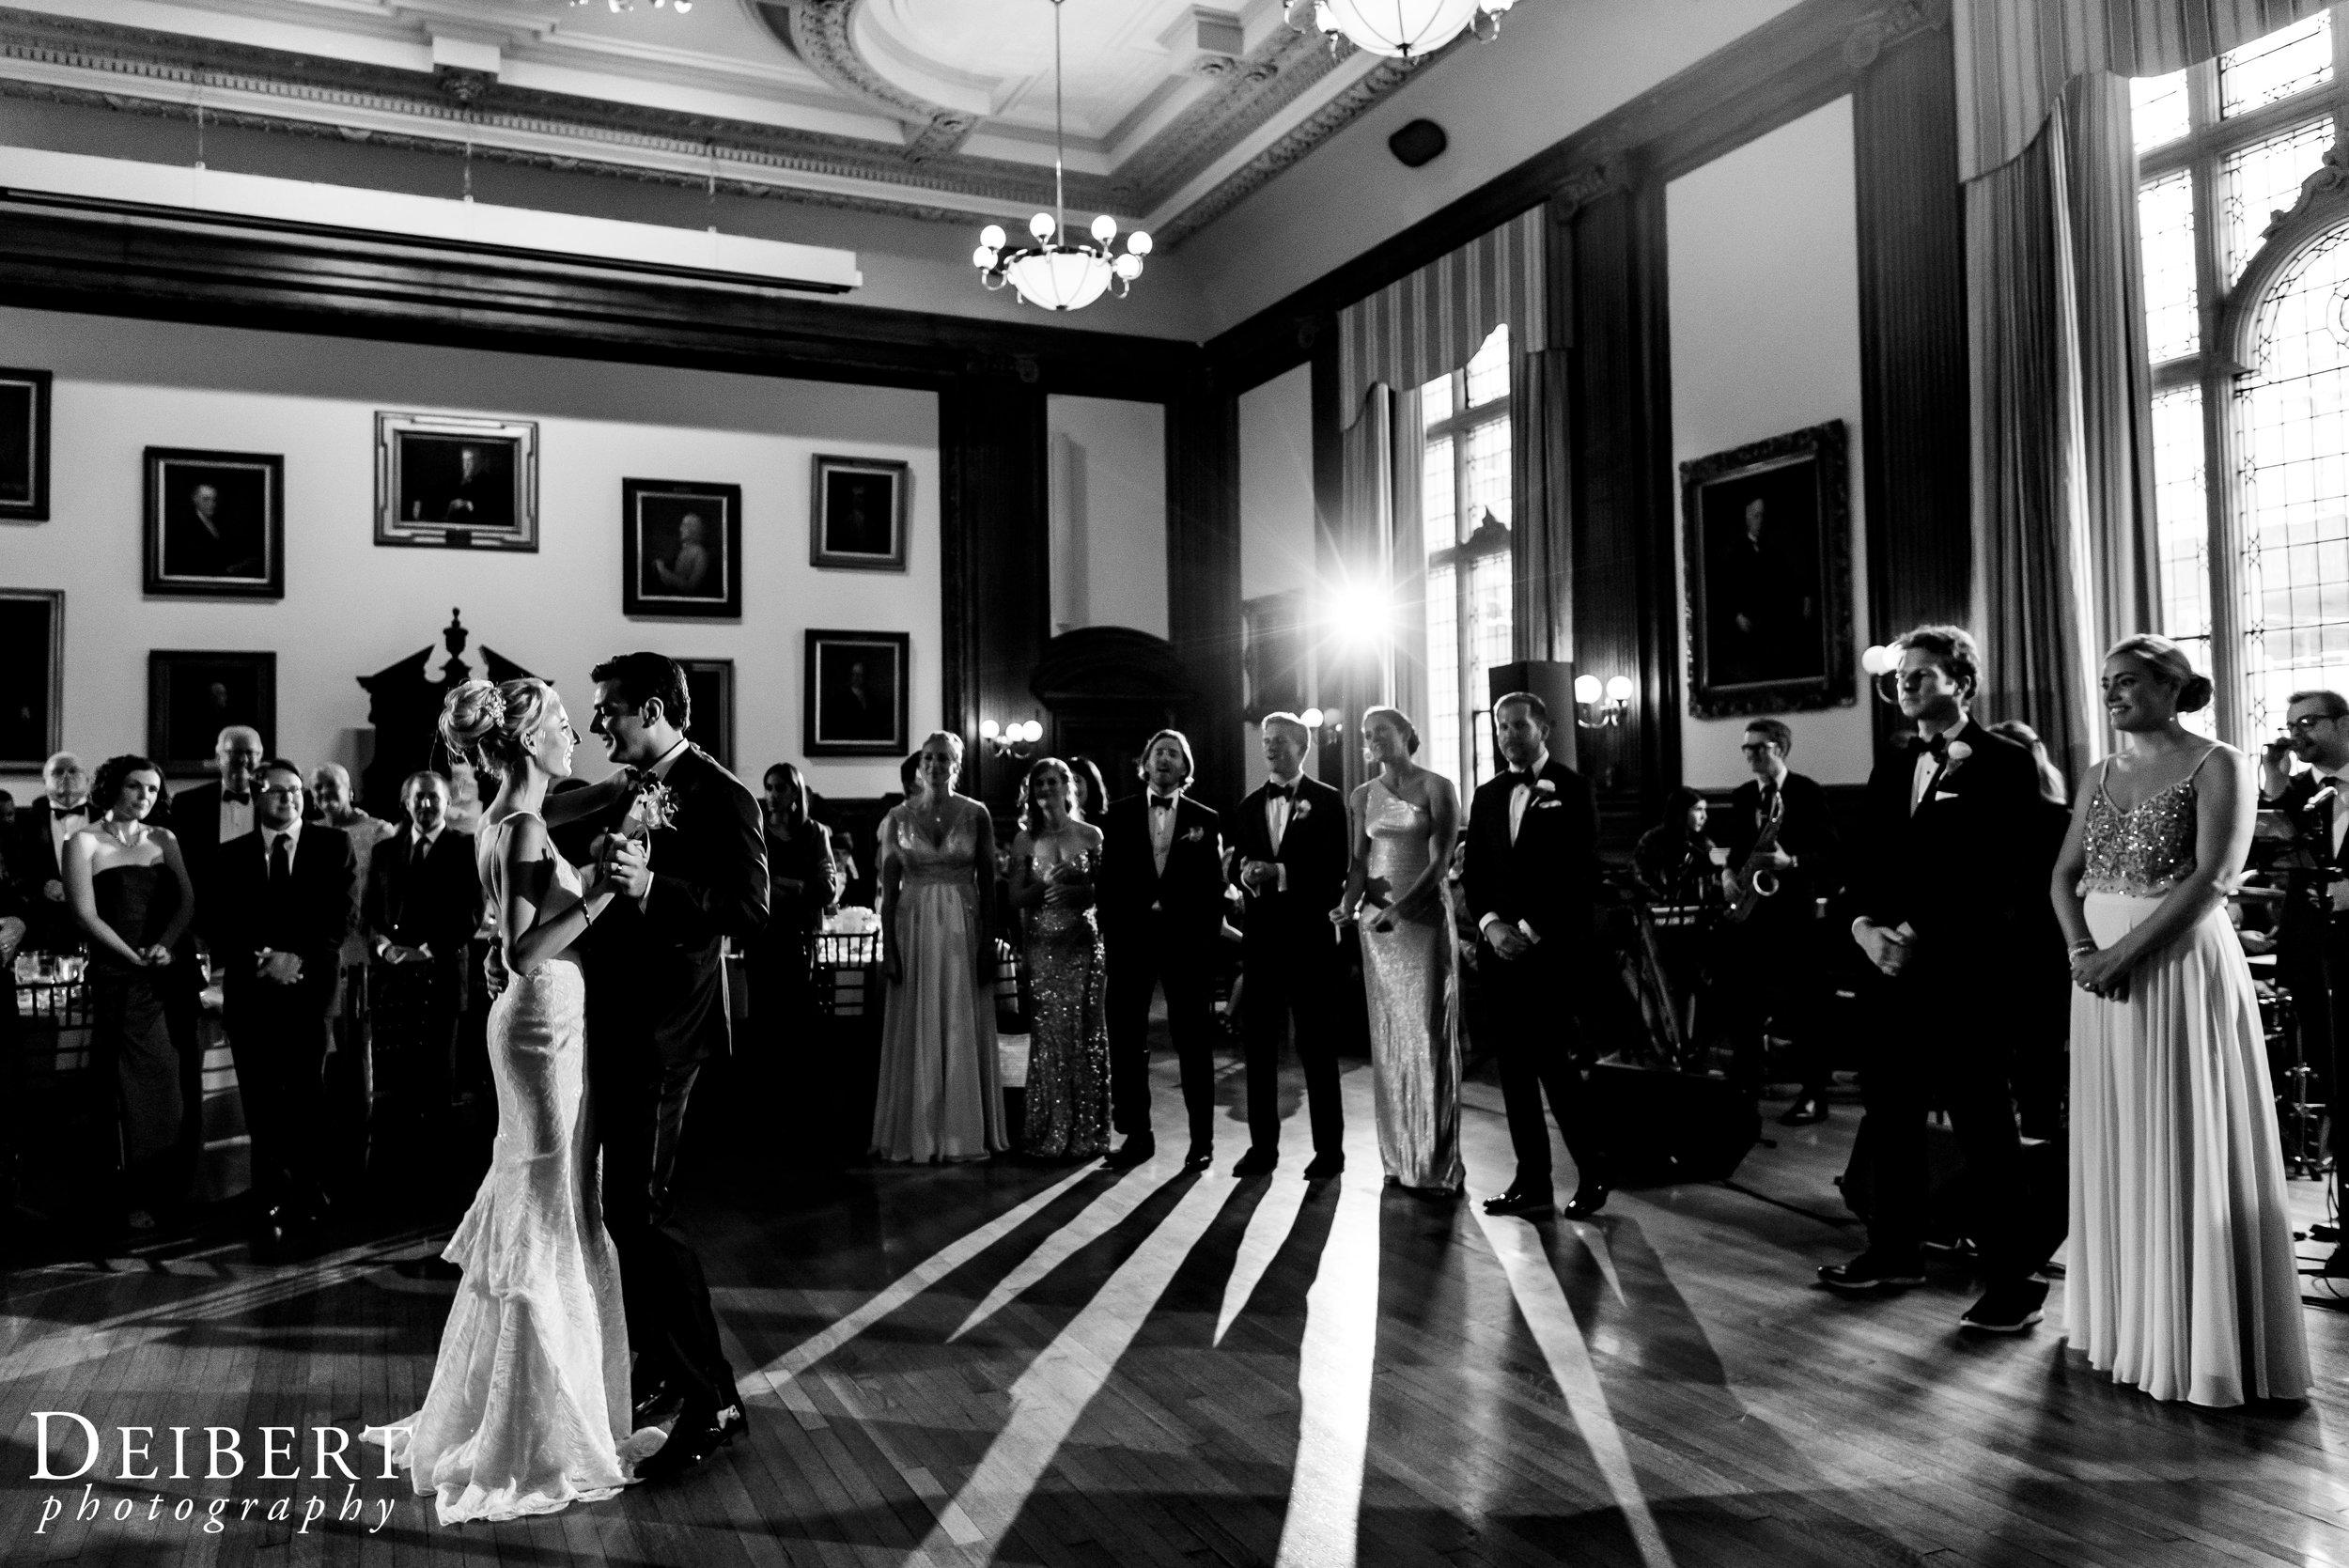 Elizabeth and Daniel_College of Physicians_Wedding-73.jpg